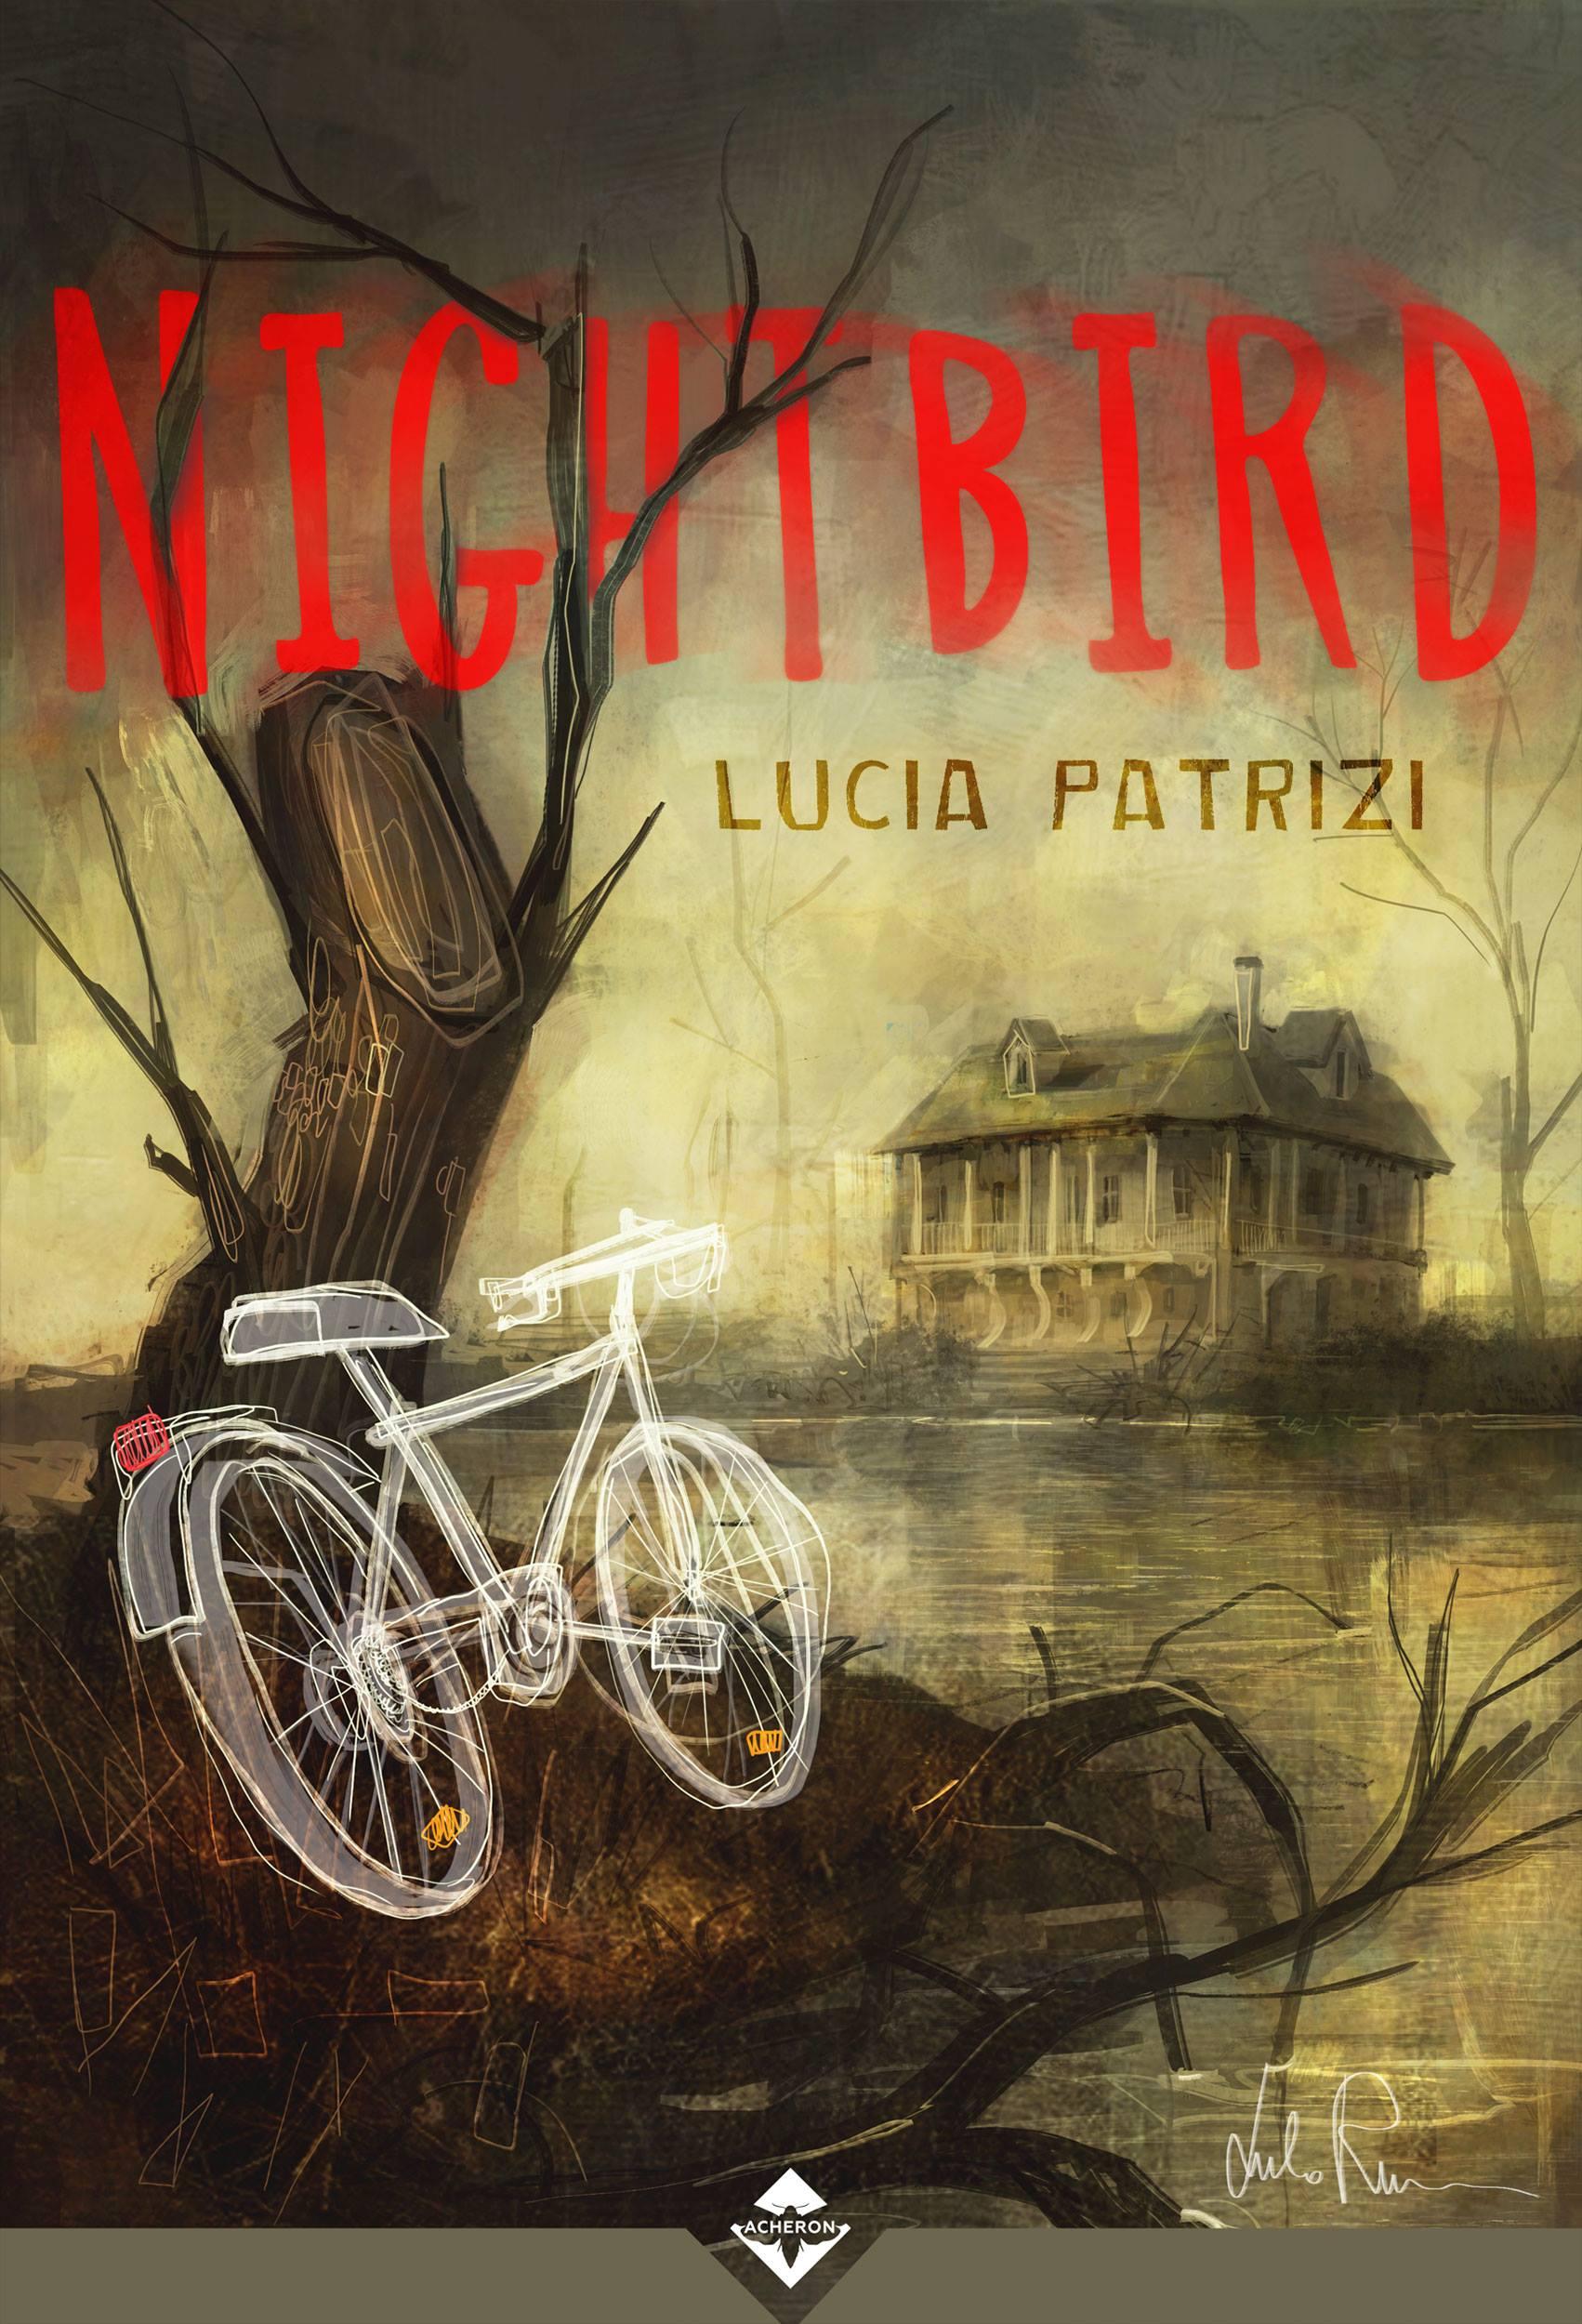 Nightbird, di Lucia Patrizi: seguiranno dettagli…